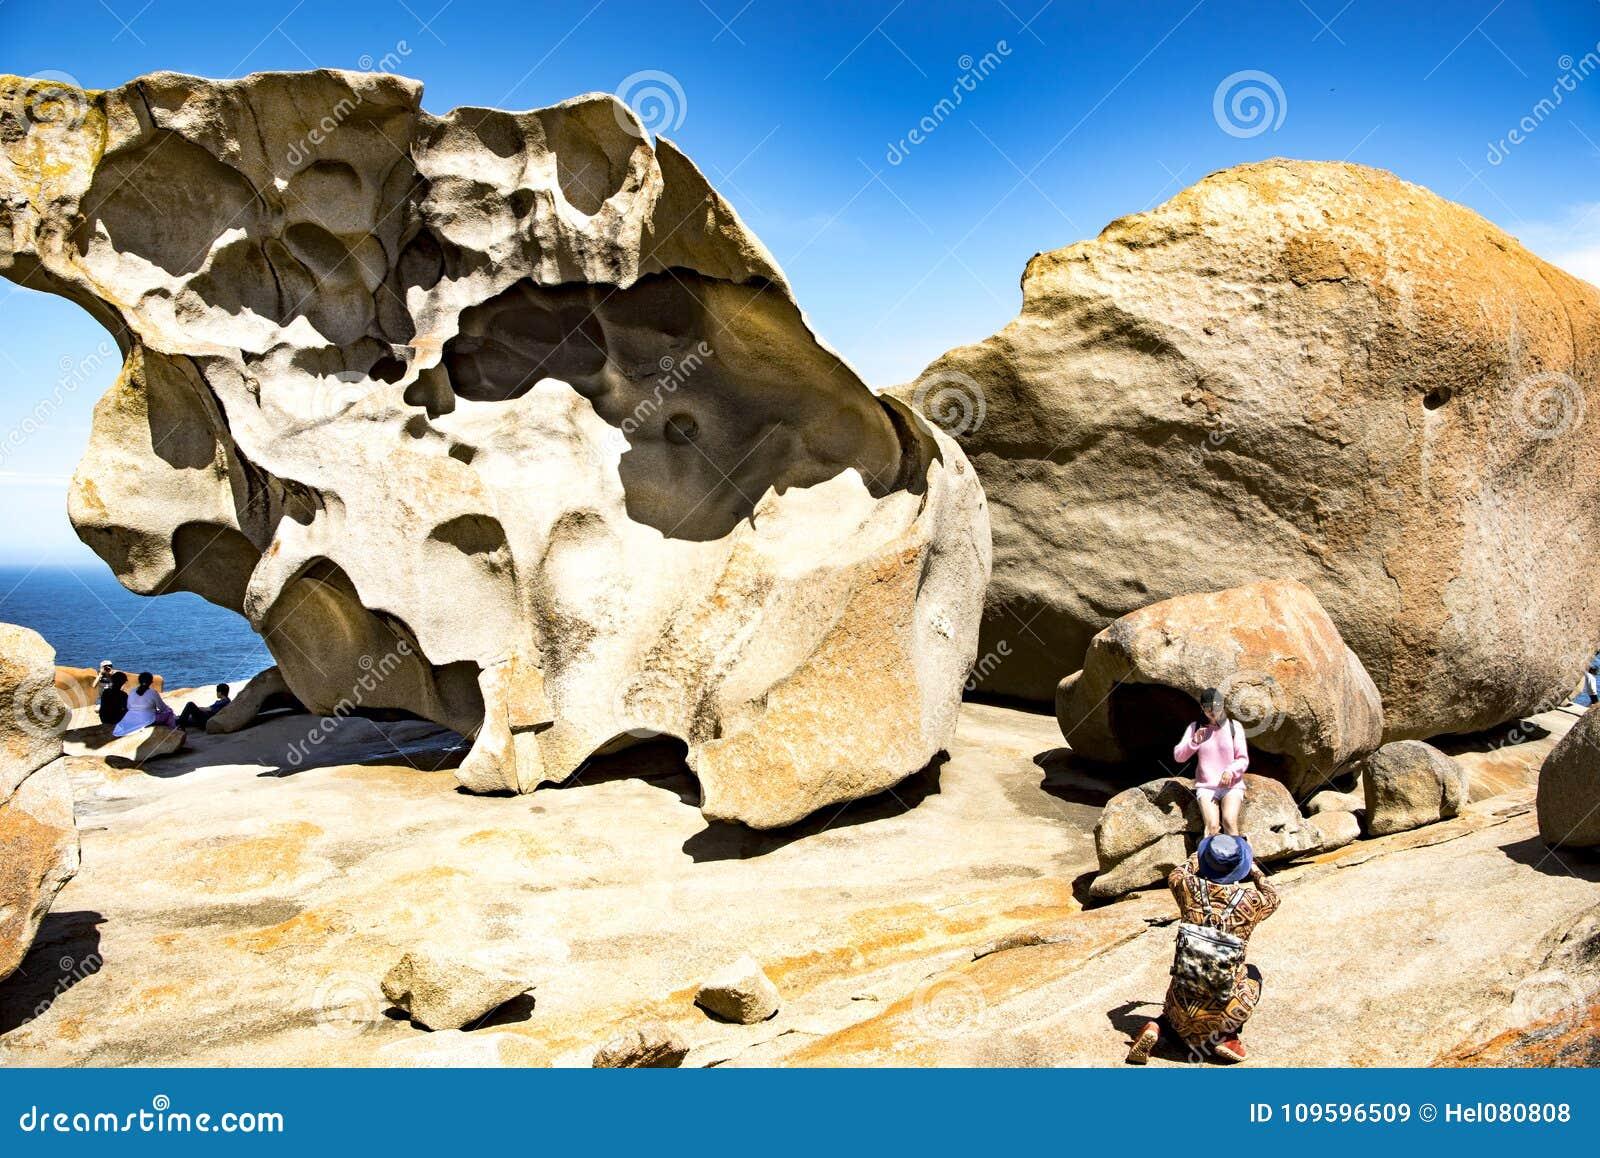 Roches remarquables, les gens prenant des photos des roches remarquables, île de kangourou, Australie